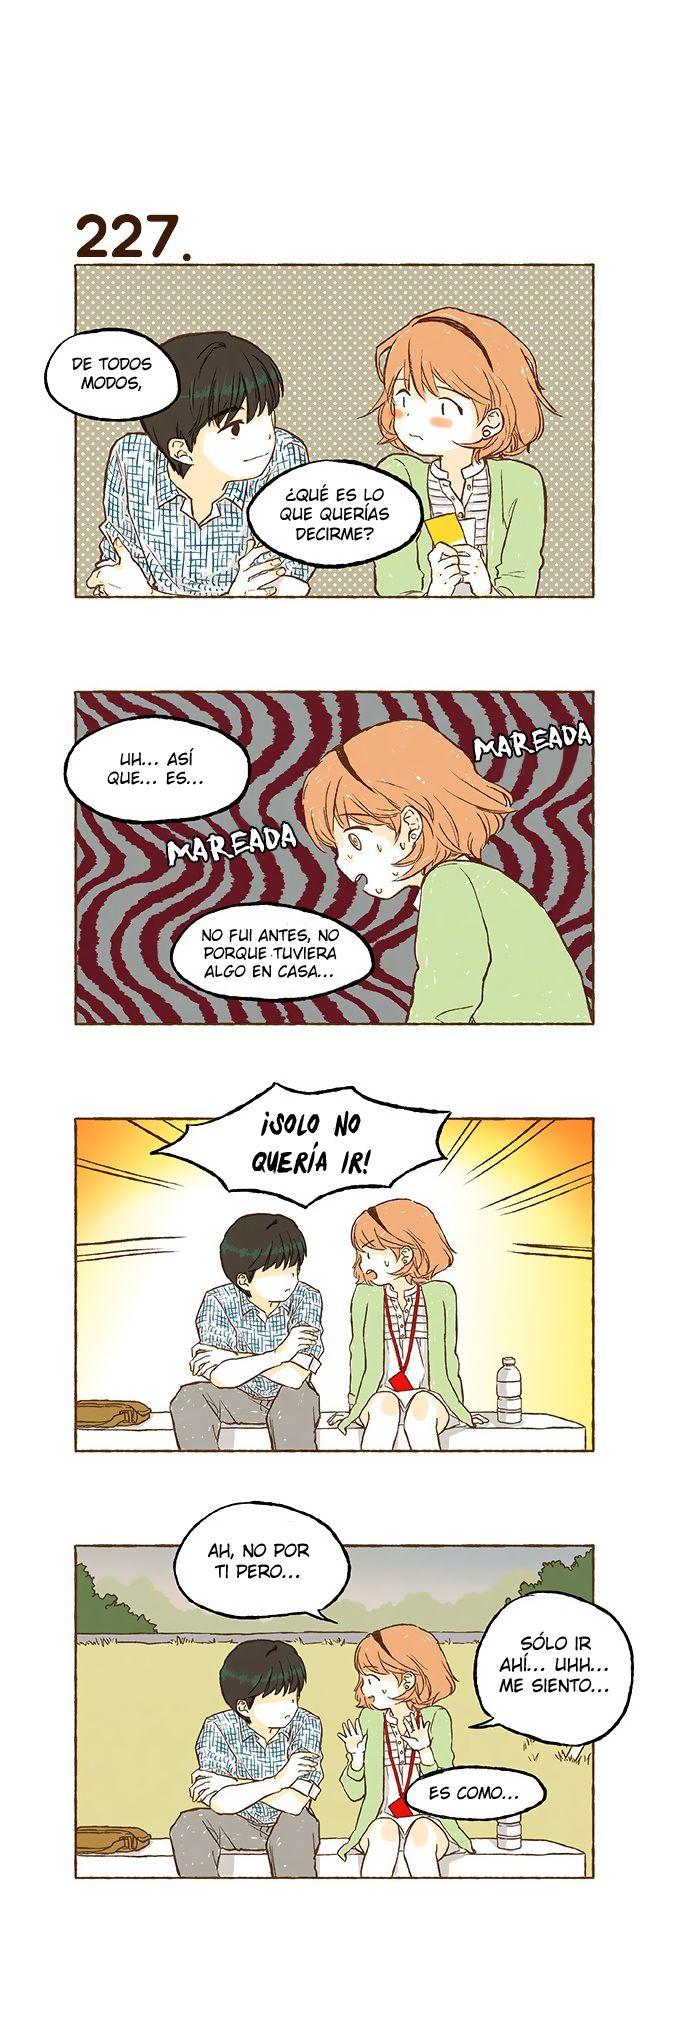 http://c5.ninemanga.com/es_manga/pic2/61/17725/512455/f834b70560c3ca992ff72b5983170816.jpg Page 7